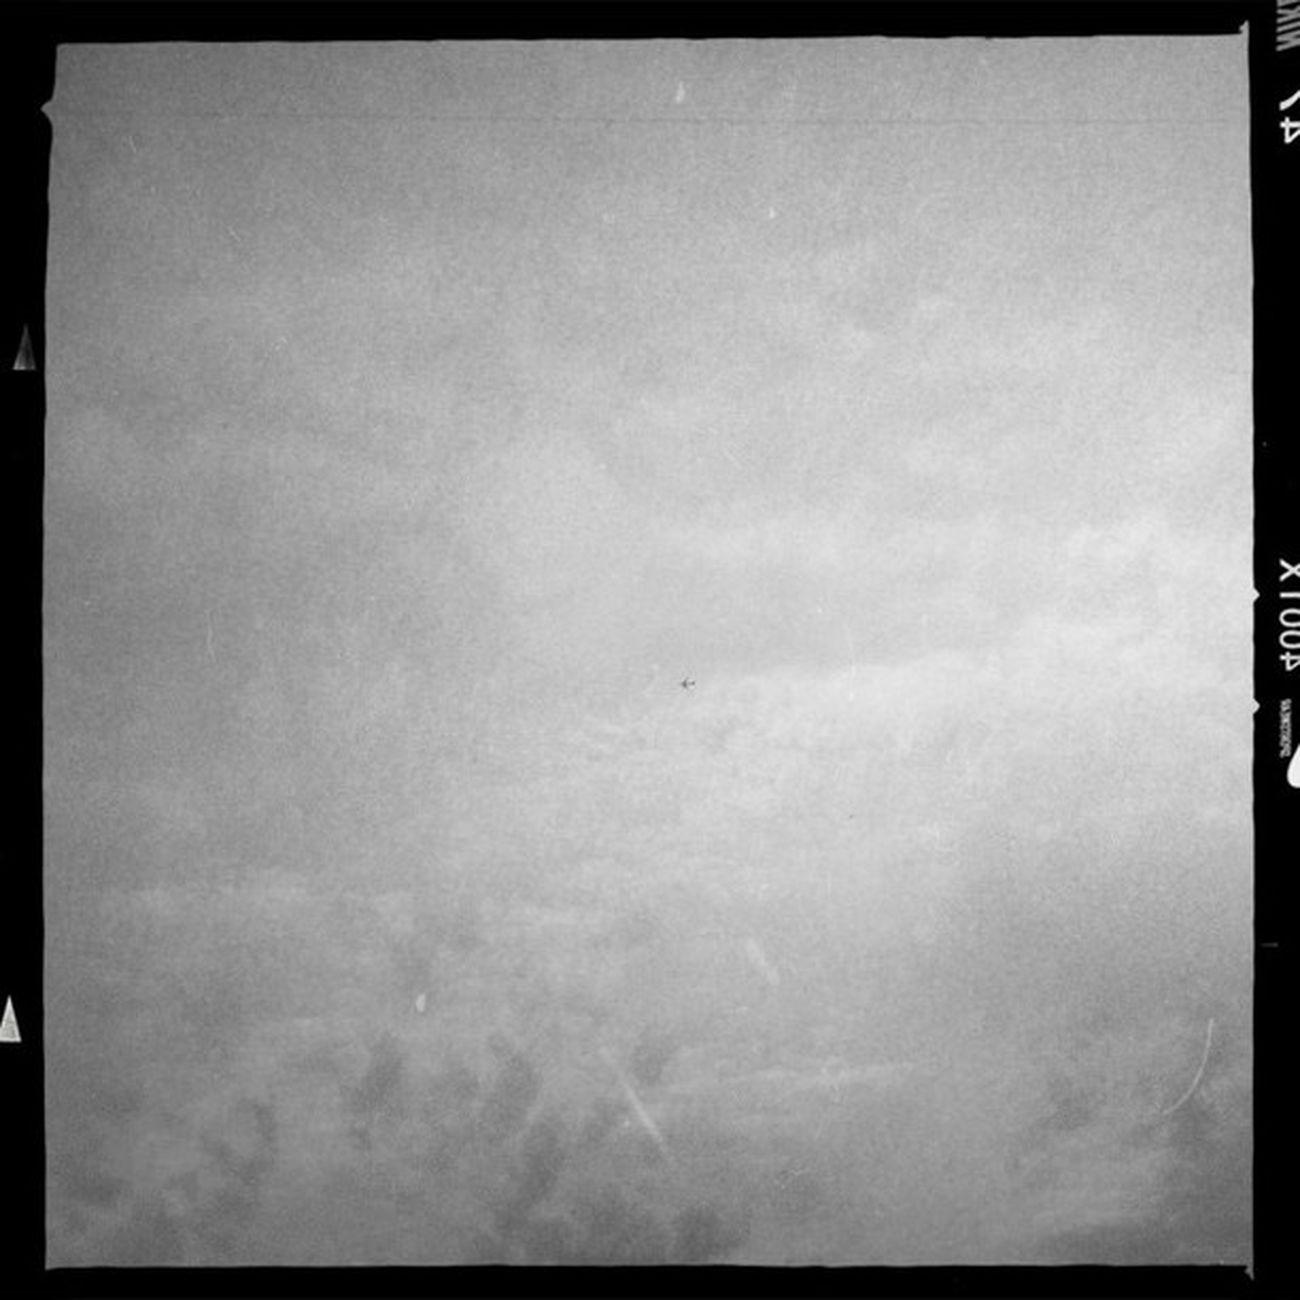 Wenn man genau hinsieht, erkennt man ein UFO! Hipstamatic Adler9009 Aodlx